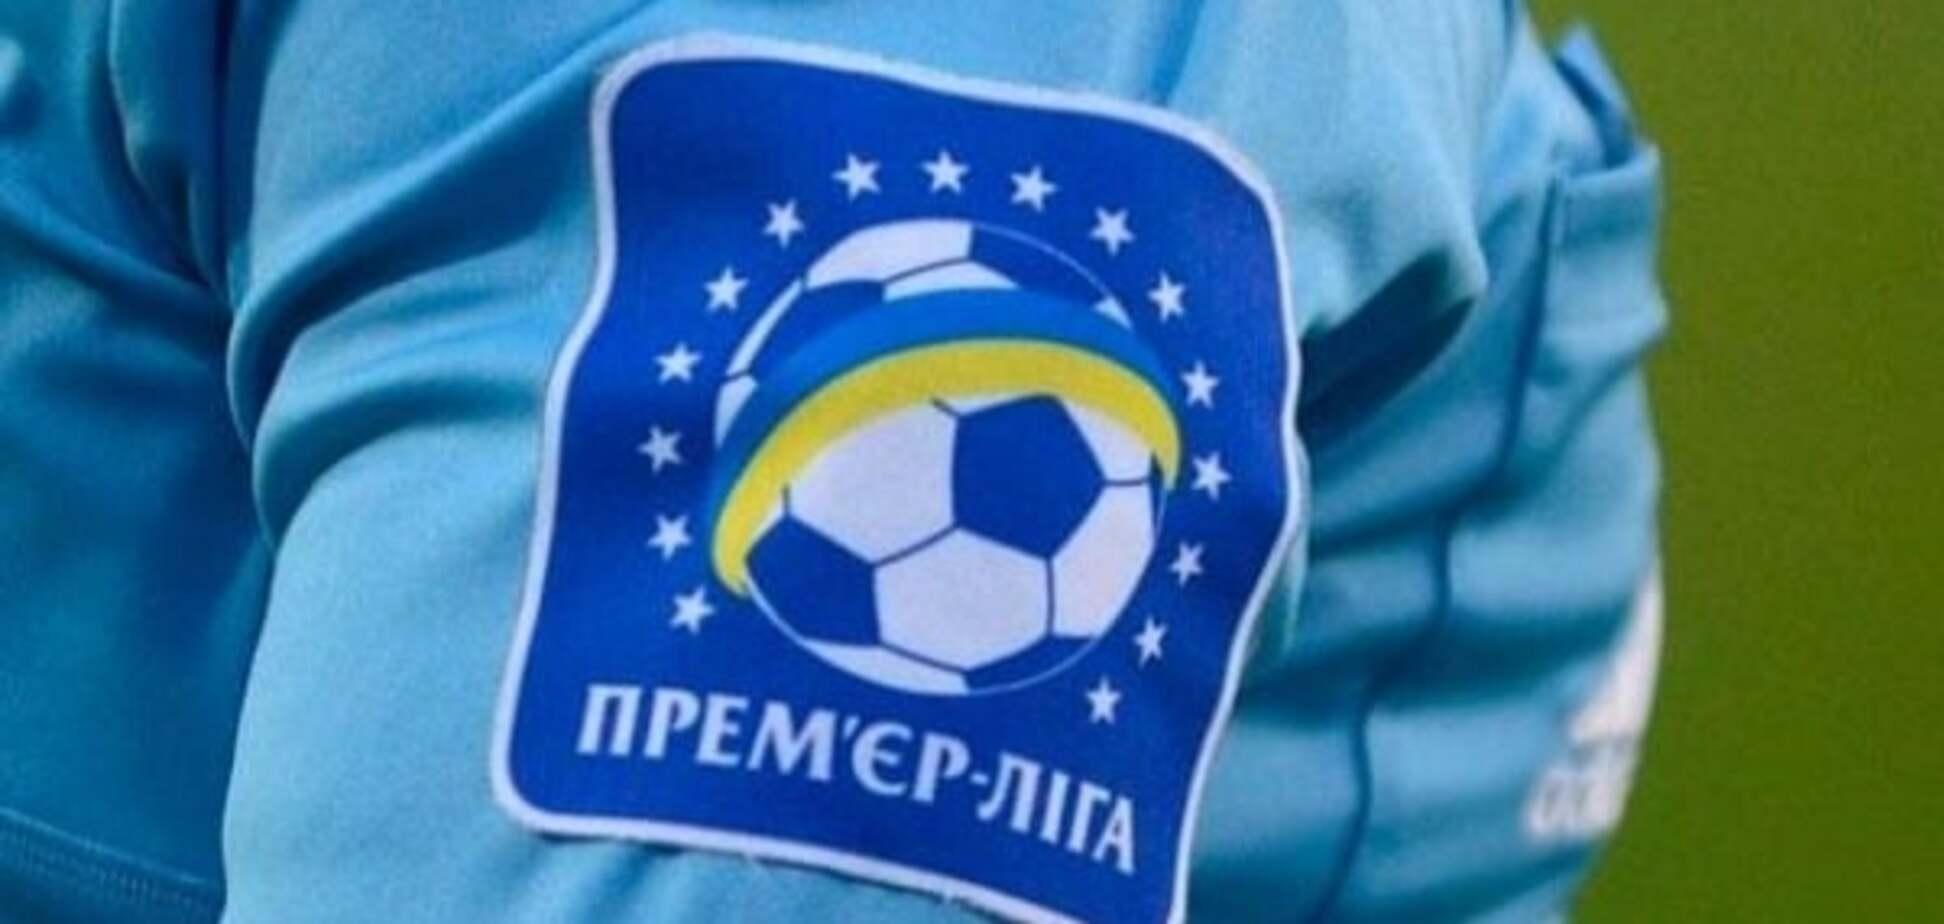 Офіційно: в чемпіонаті України з футболу залишилося 13 команд